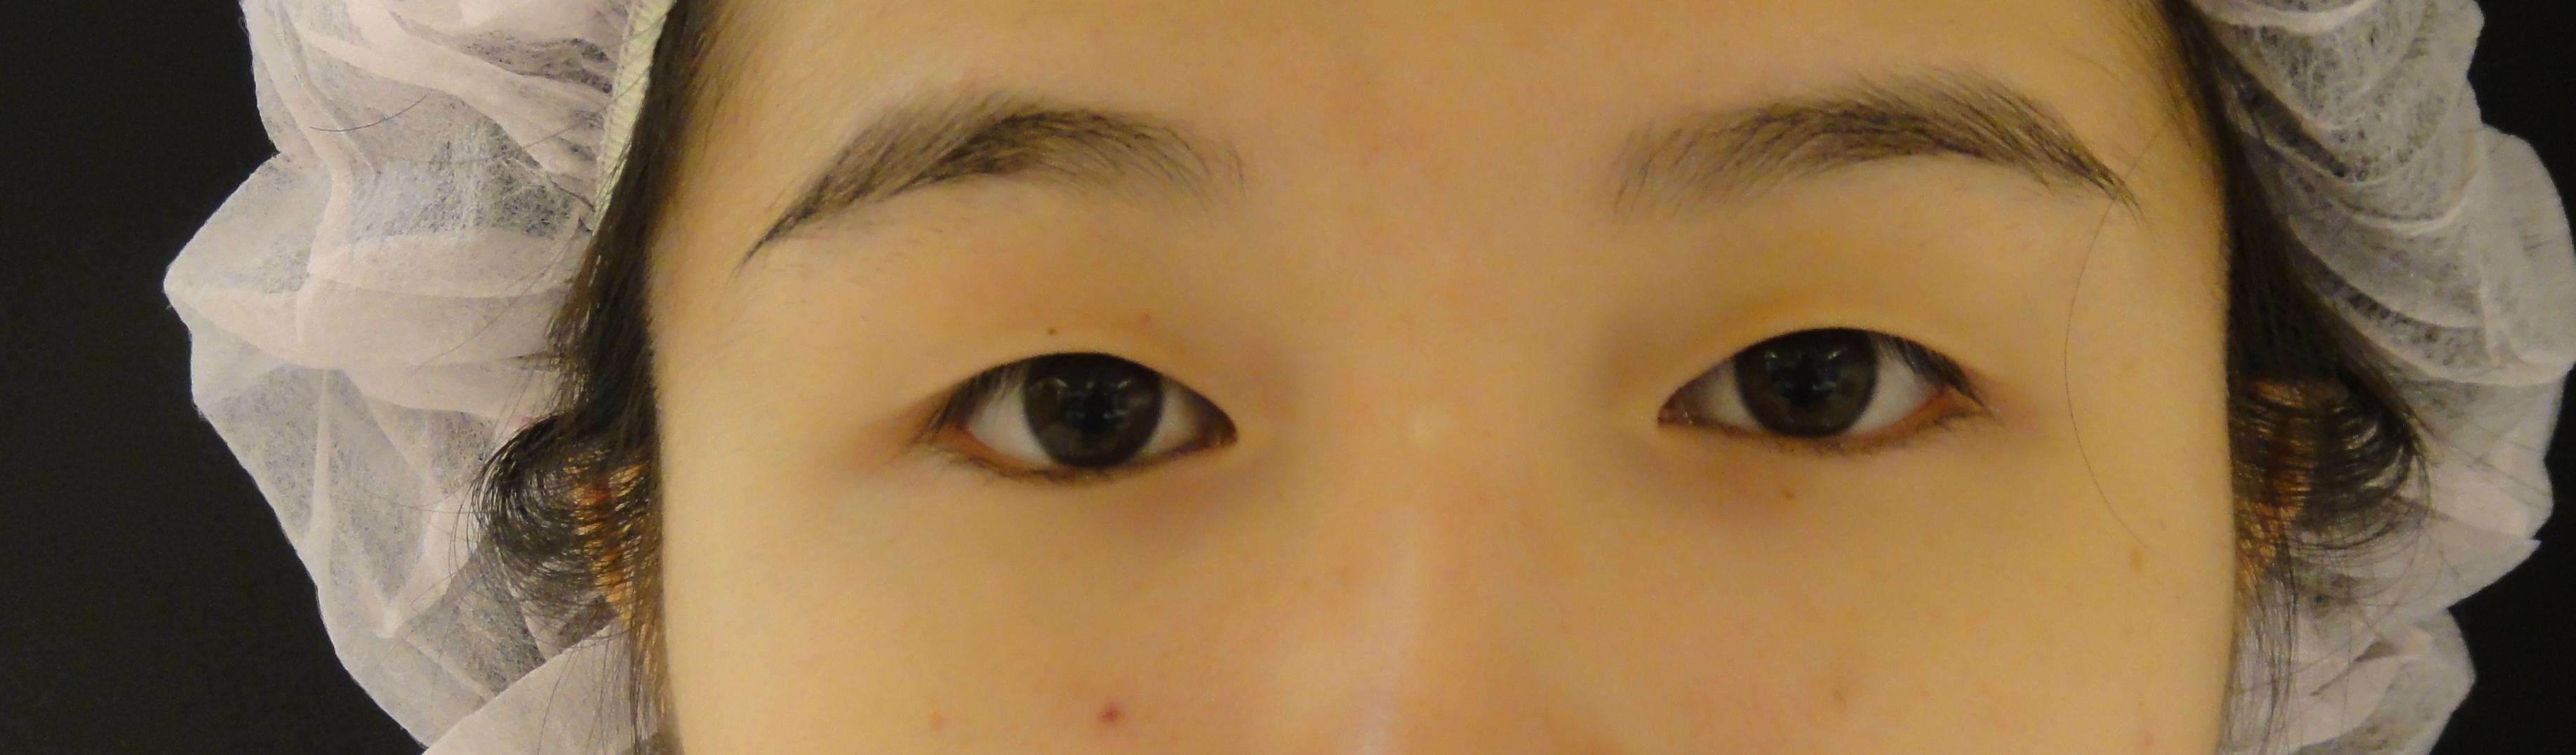 訂書針縫雙眼皮 手術